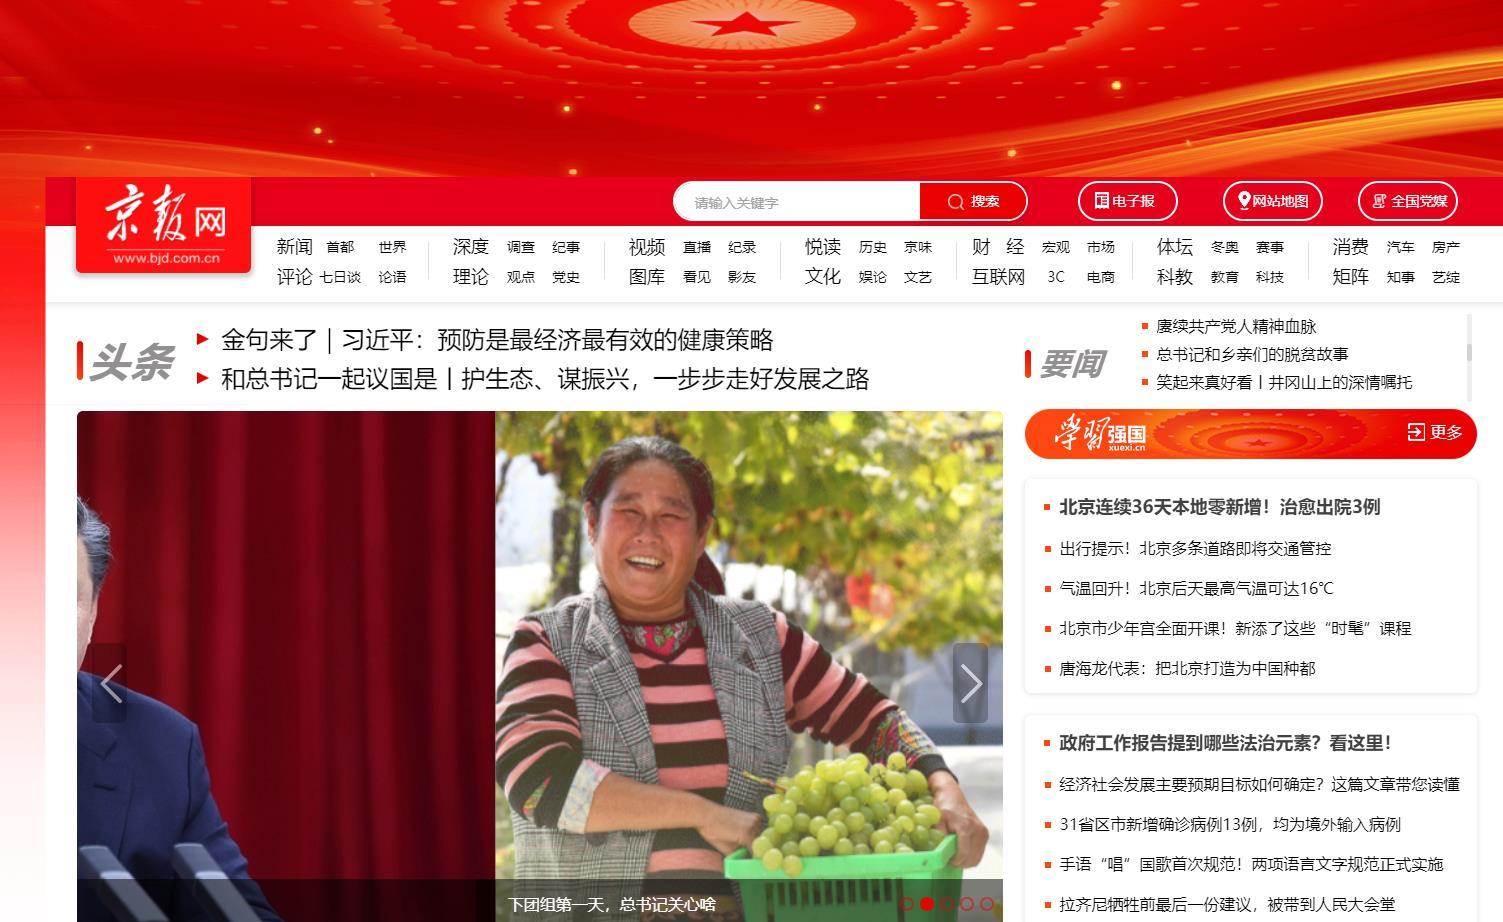 京报网(bjd)北京日报官方网站